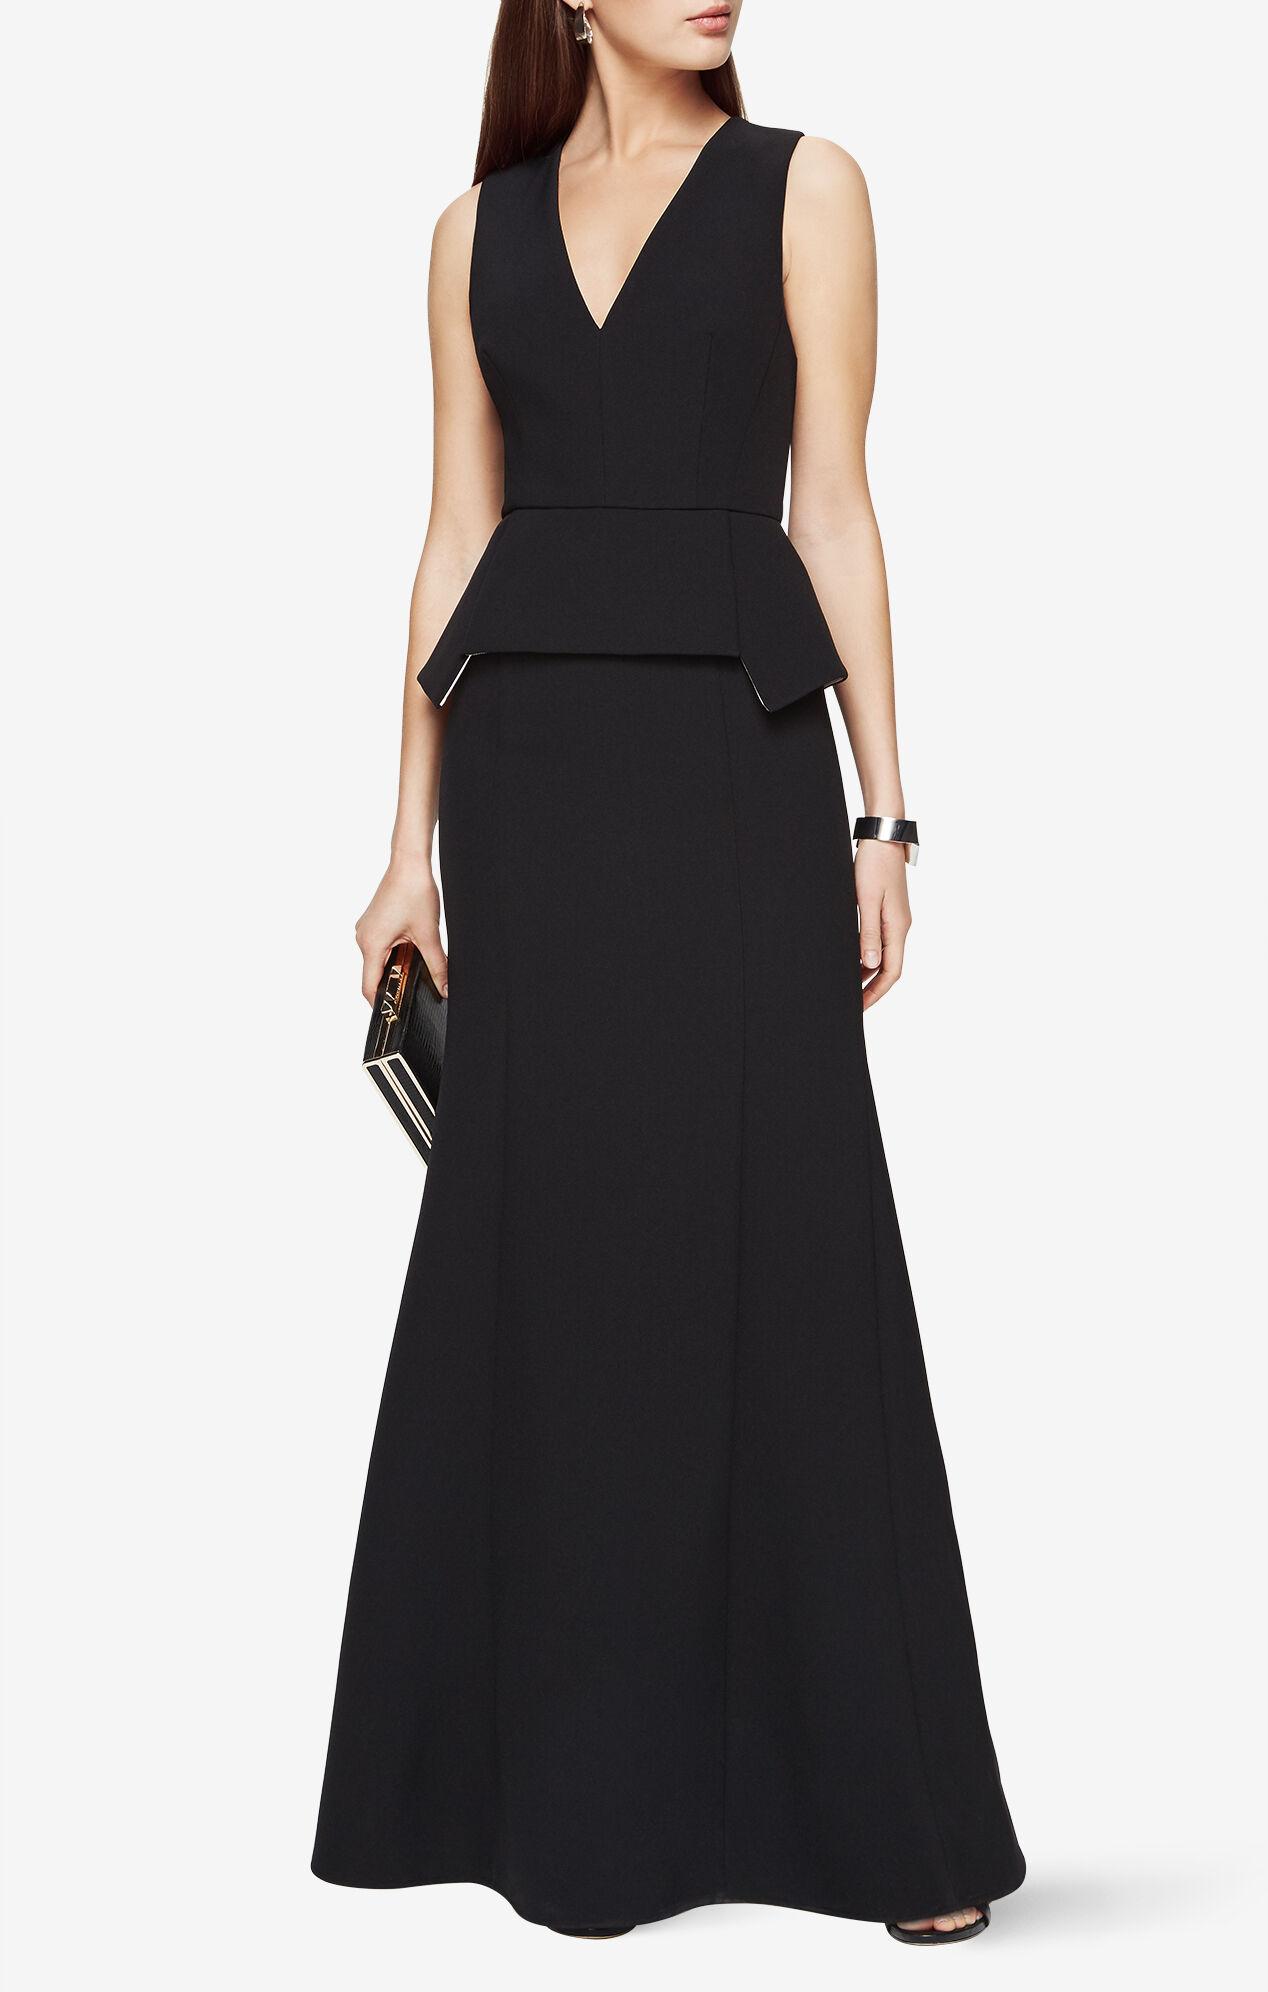 Dresses - Evening Gowns | BCBG.com